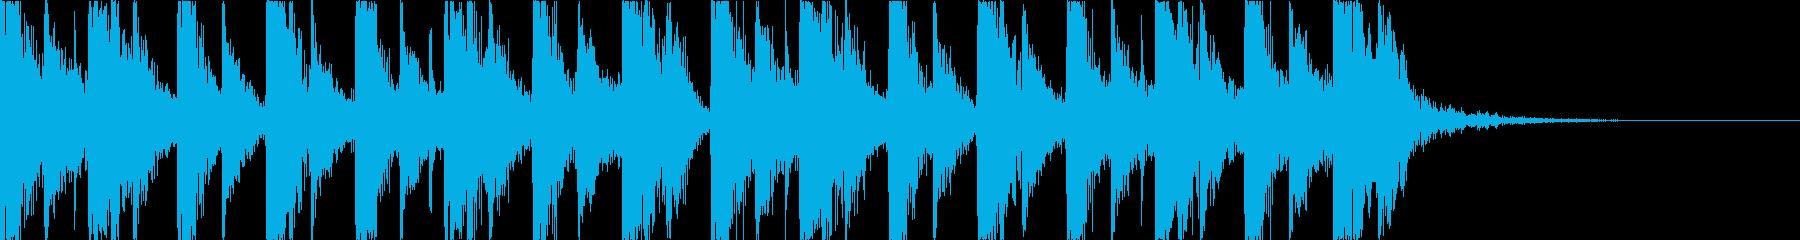 キャッチーで深みのあるEDMの再生済みの波形